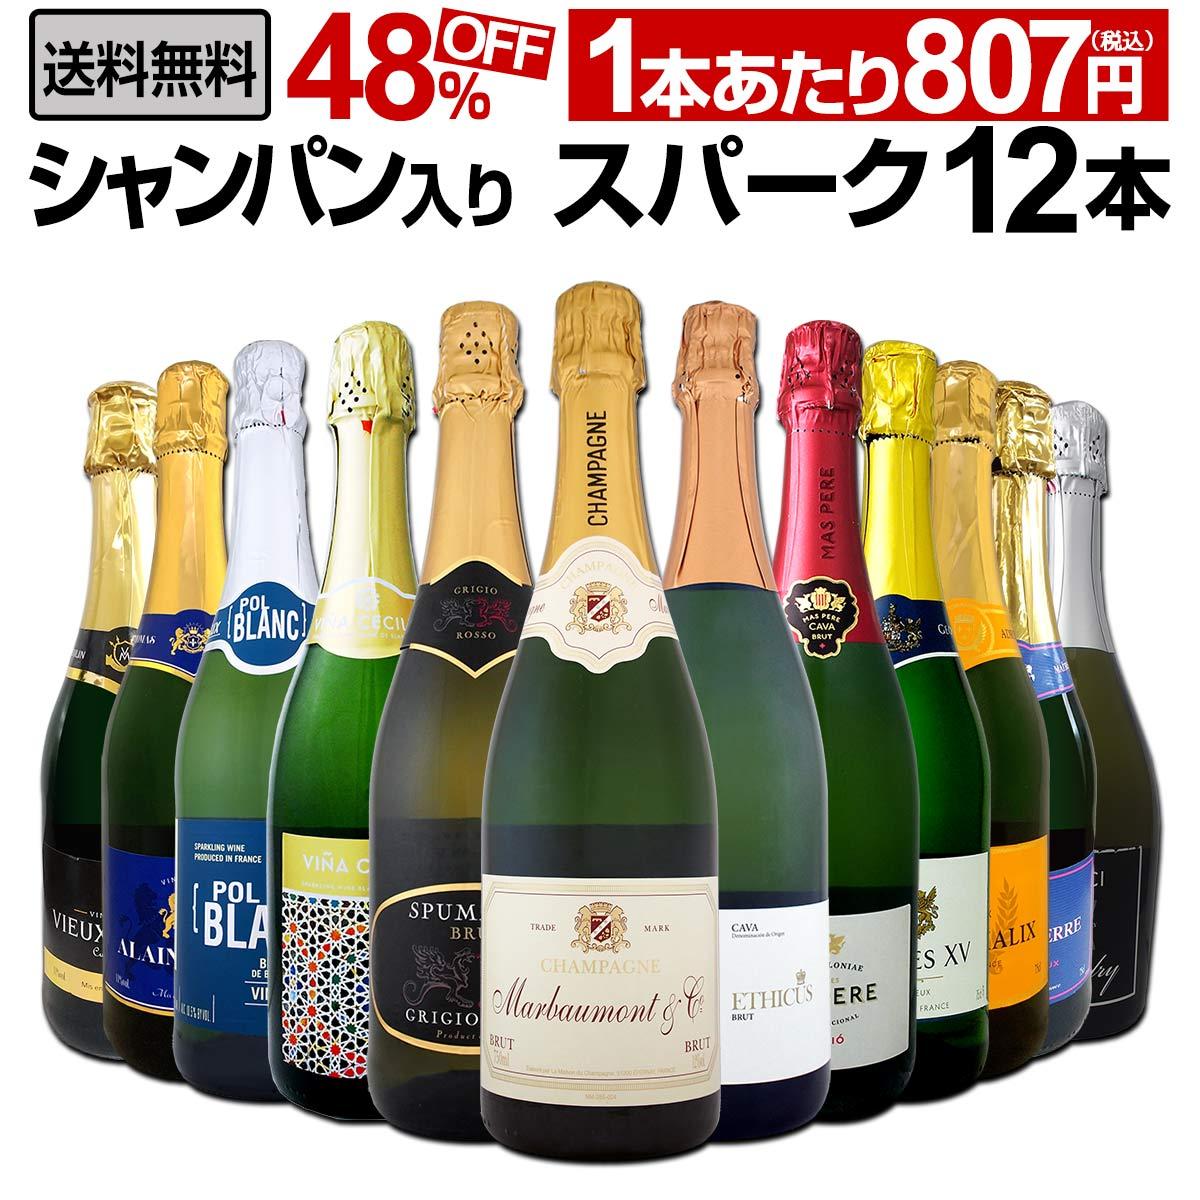 【送料無料】第10弾!シャンパン入り!辛口スパークリングワイン12本セット!